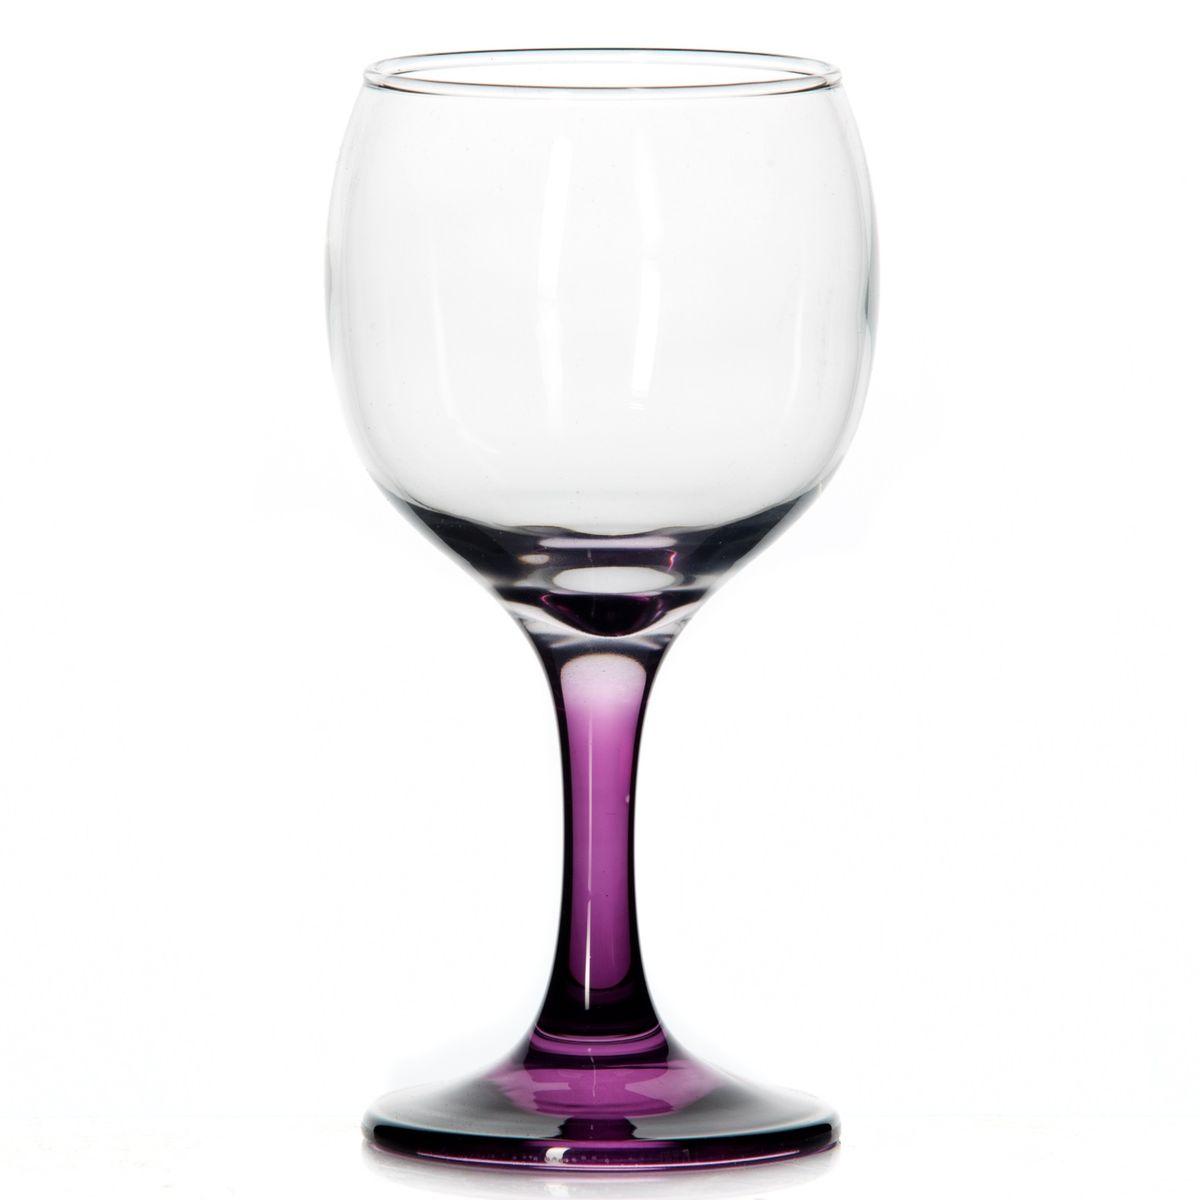 Набор бокалов Pasabahce Glass for You, цвет: сиреневый, 220 мл, 3 шт44412PRНабор Pasabahce Glass for You состоит из трех бокалов, выполненных из натрий-кальций-силикатного стекла. Изделия оснащены элегантными ножками. Бокалы сочетают в себе изысканный дизайн и функциональность. Благодаря такому набору пить напитки будет еще вкуснее. Набор бокалов Pasabahce Glass for You прекрасно оформит праздничный стол и создаст приятную атмосферу за романтическим ужином. Такой набор также станет хорошим подарком к любому случаю. Диаметр бокала (по верхнему краю): 6 см. Высота бокала: 15 см.